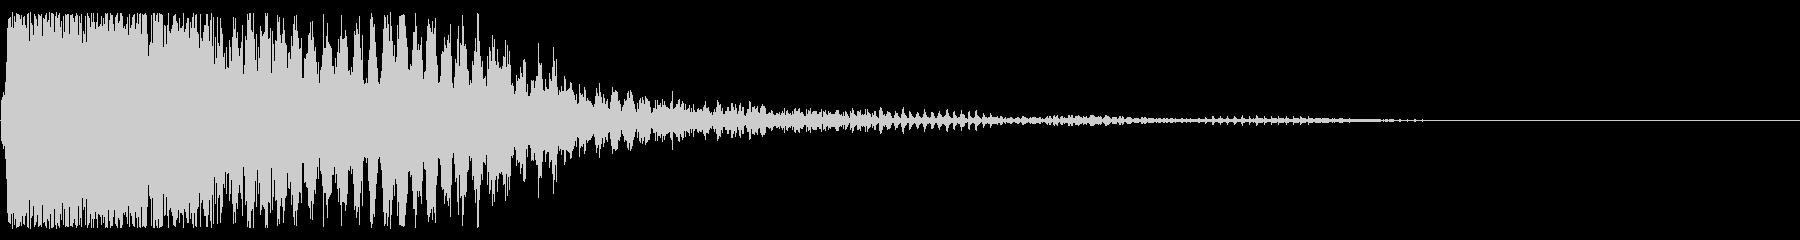 スマッシュ・トゥ・メタル・シェイク...の未再生の波形